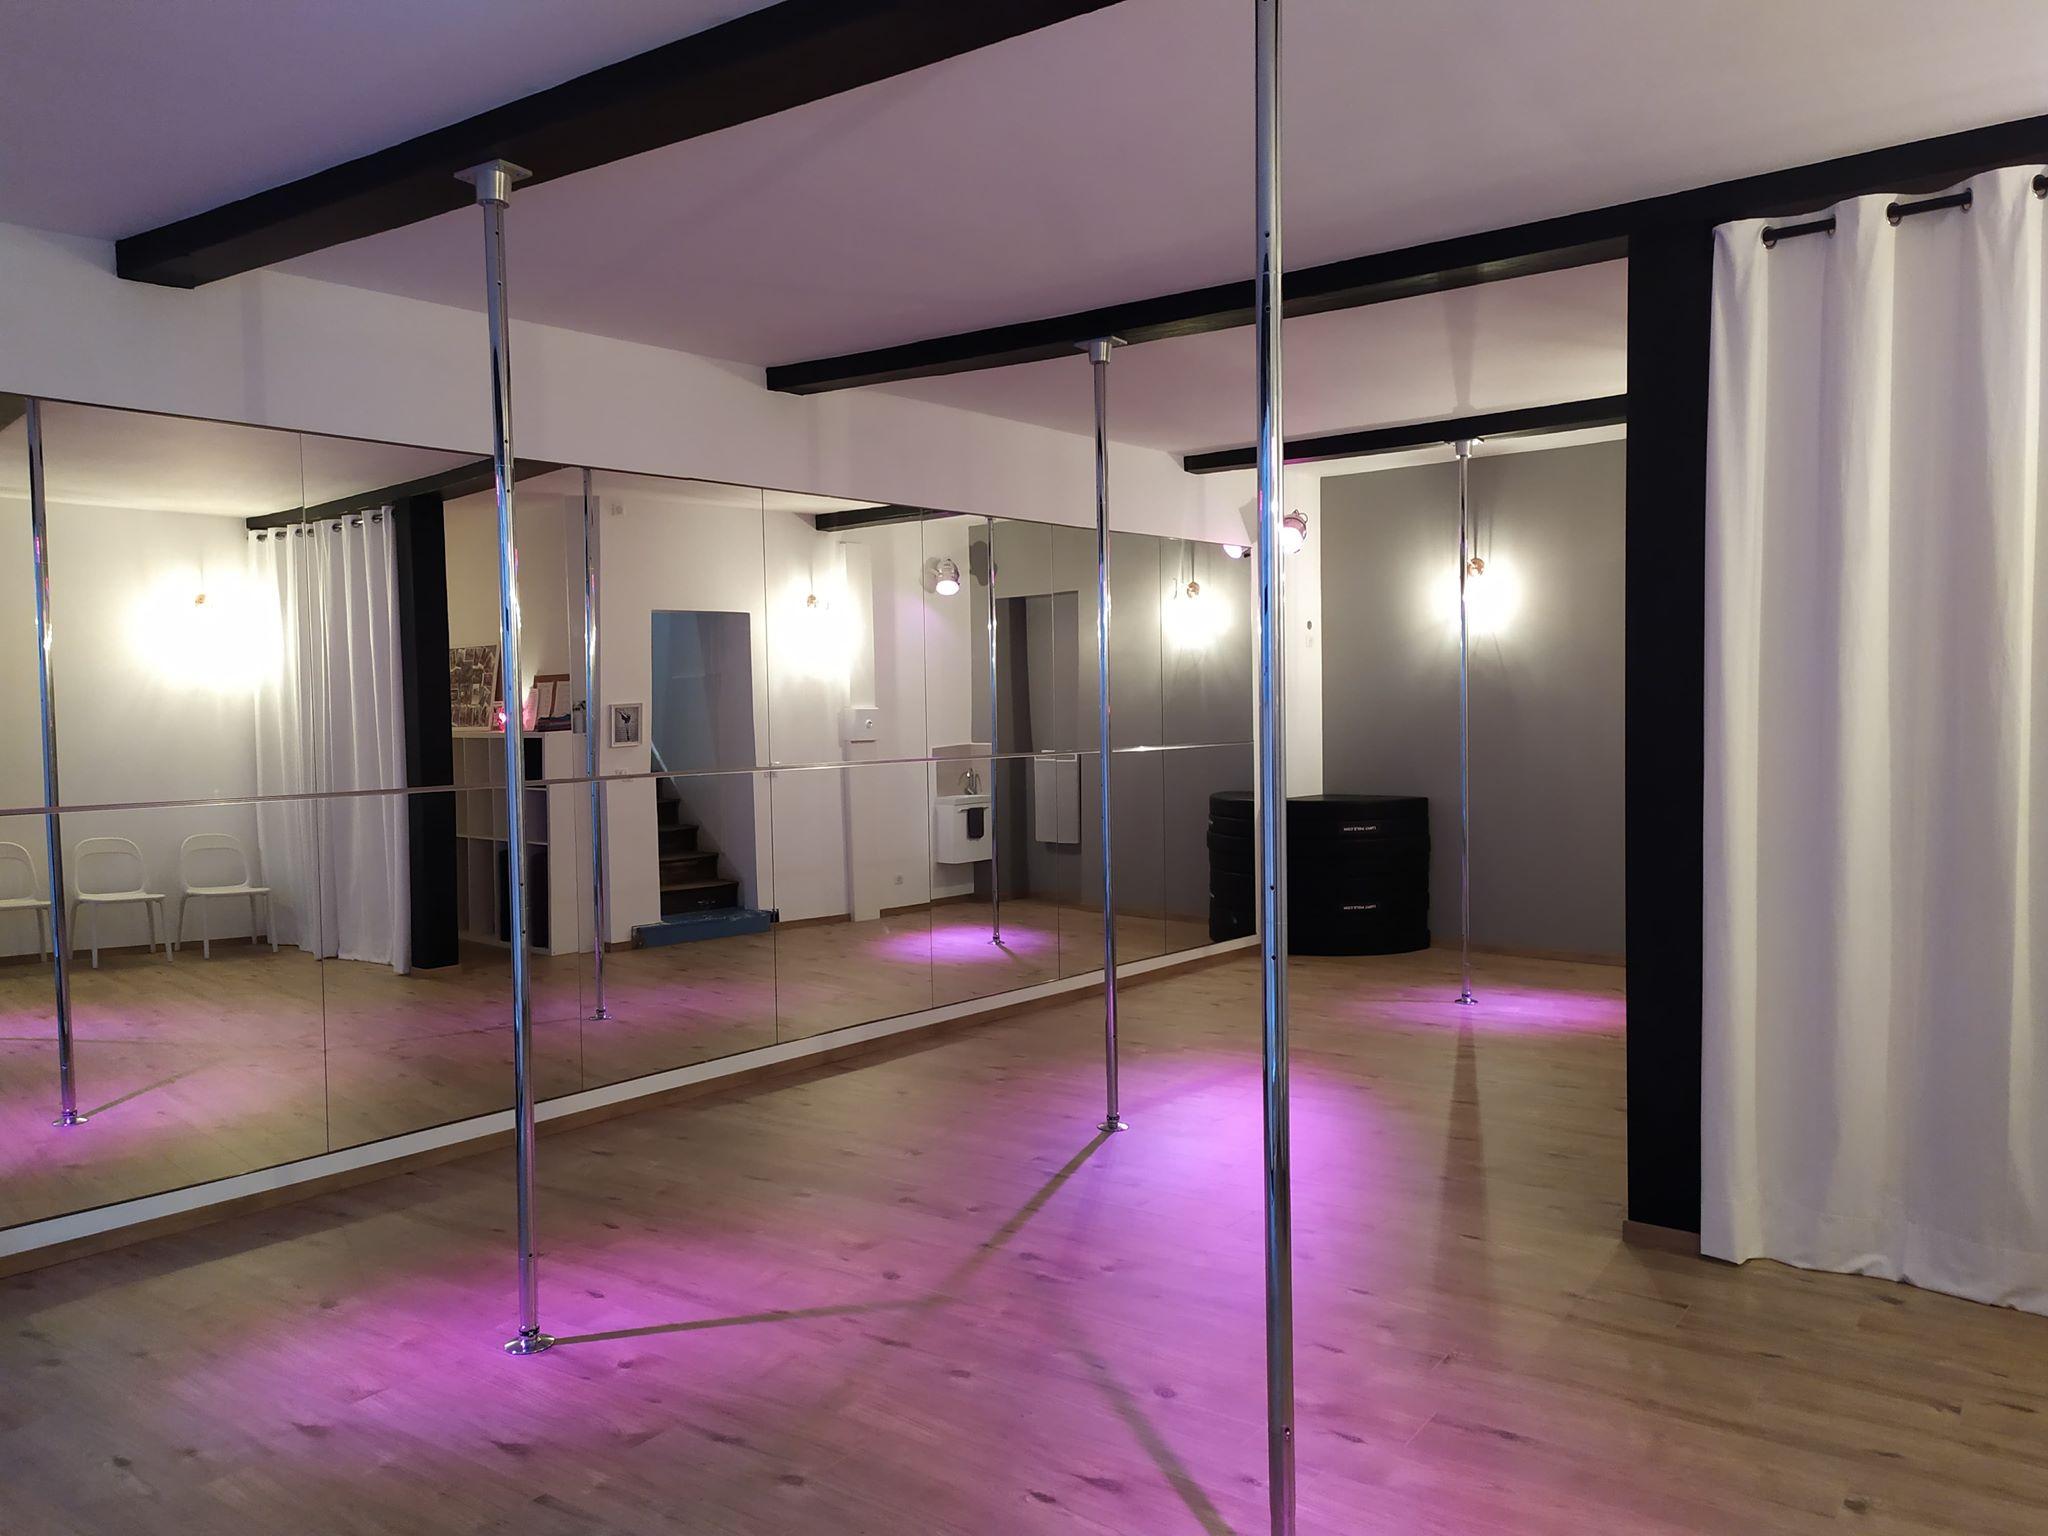 Cours De Pole Dance Cerceau Aerien Clermont Ferrand Riom